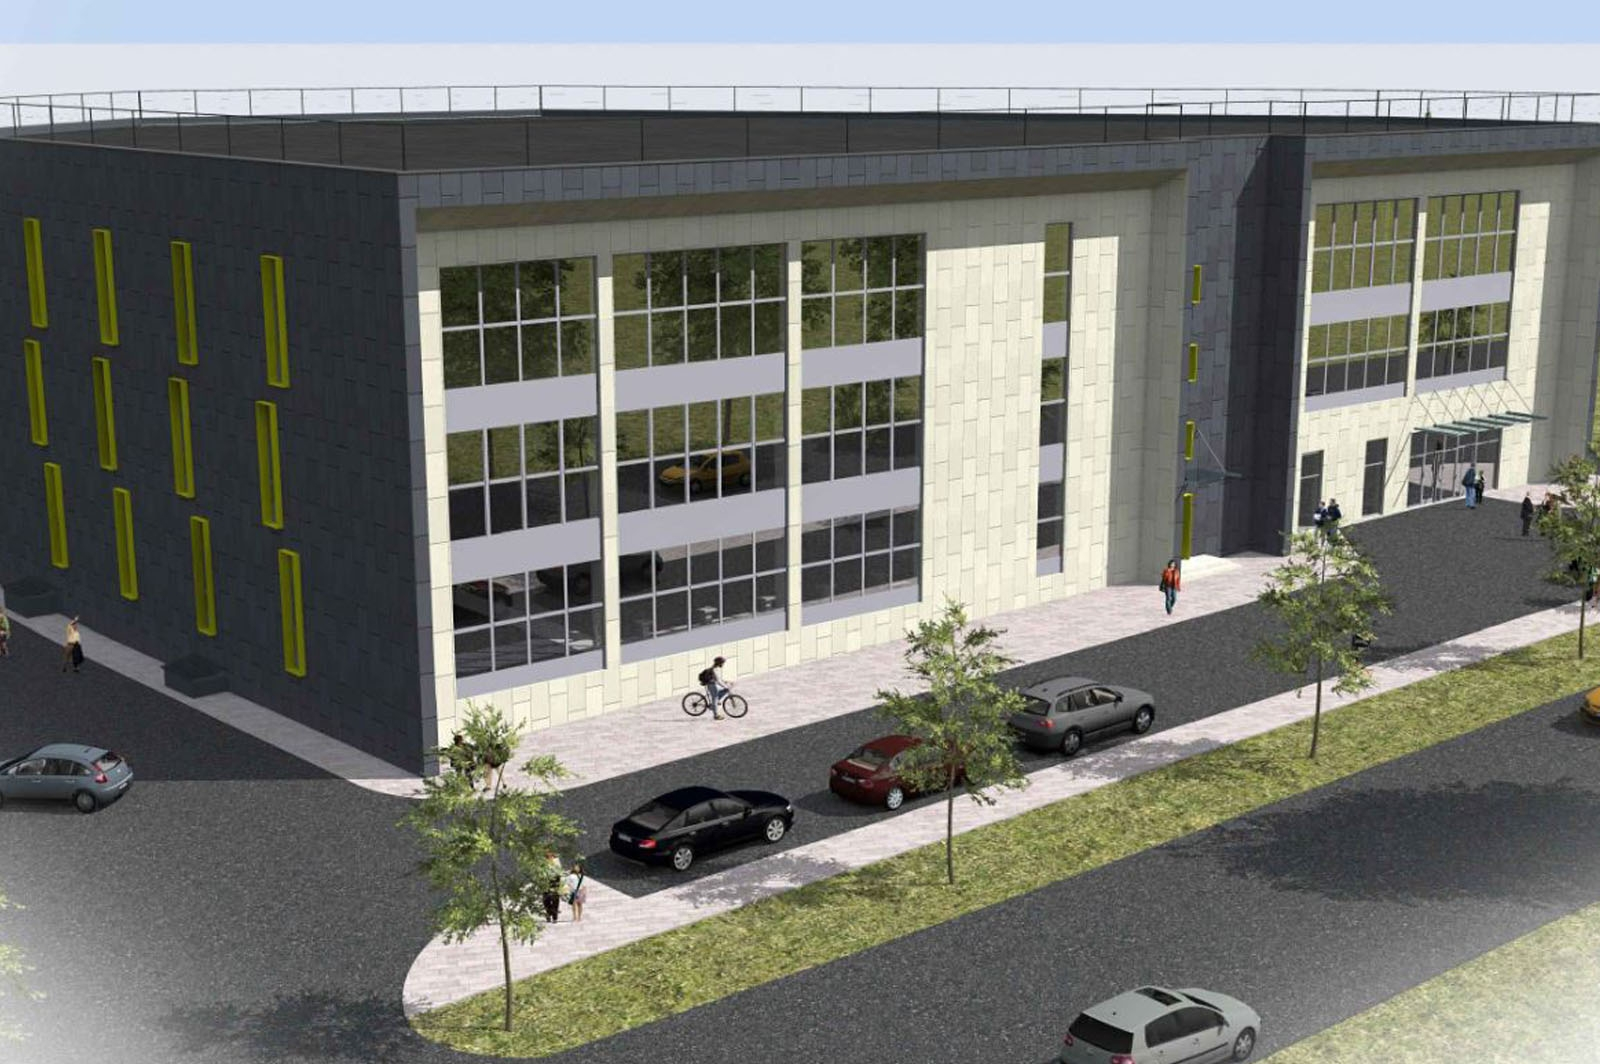 Внешний облик будущего здания можно оценить заранее. С этой целью разрабатывается АГР - архитектурно-градостроительное решение.